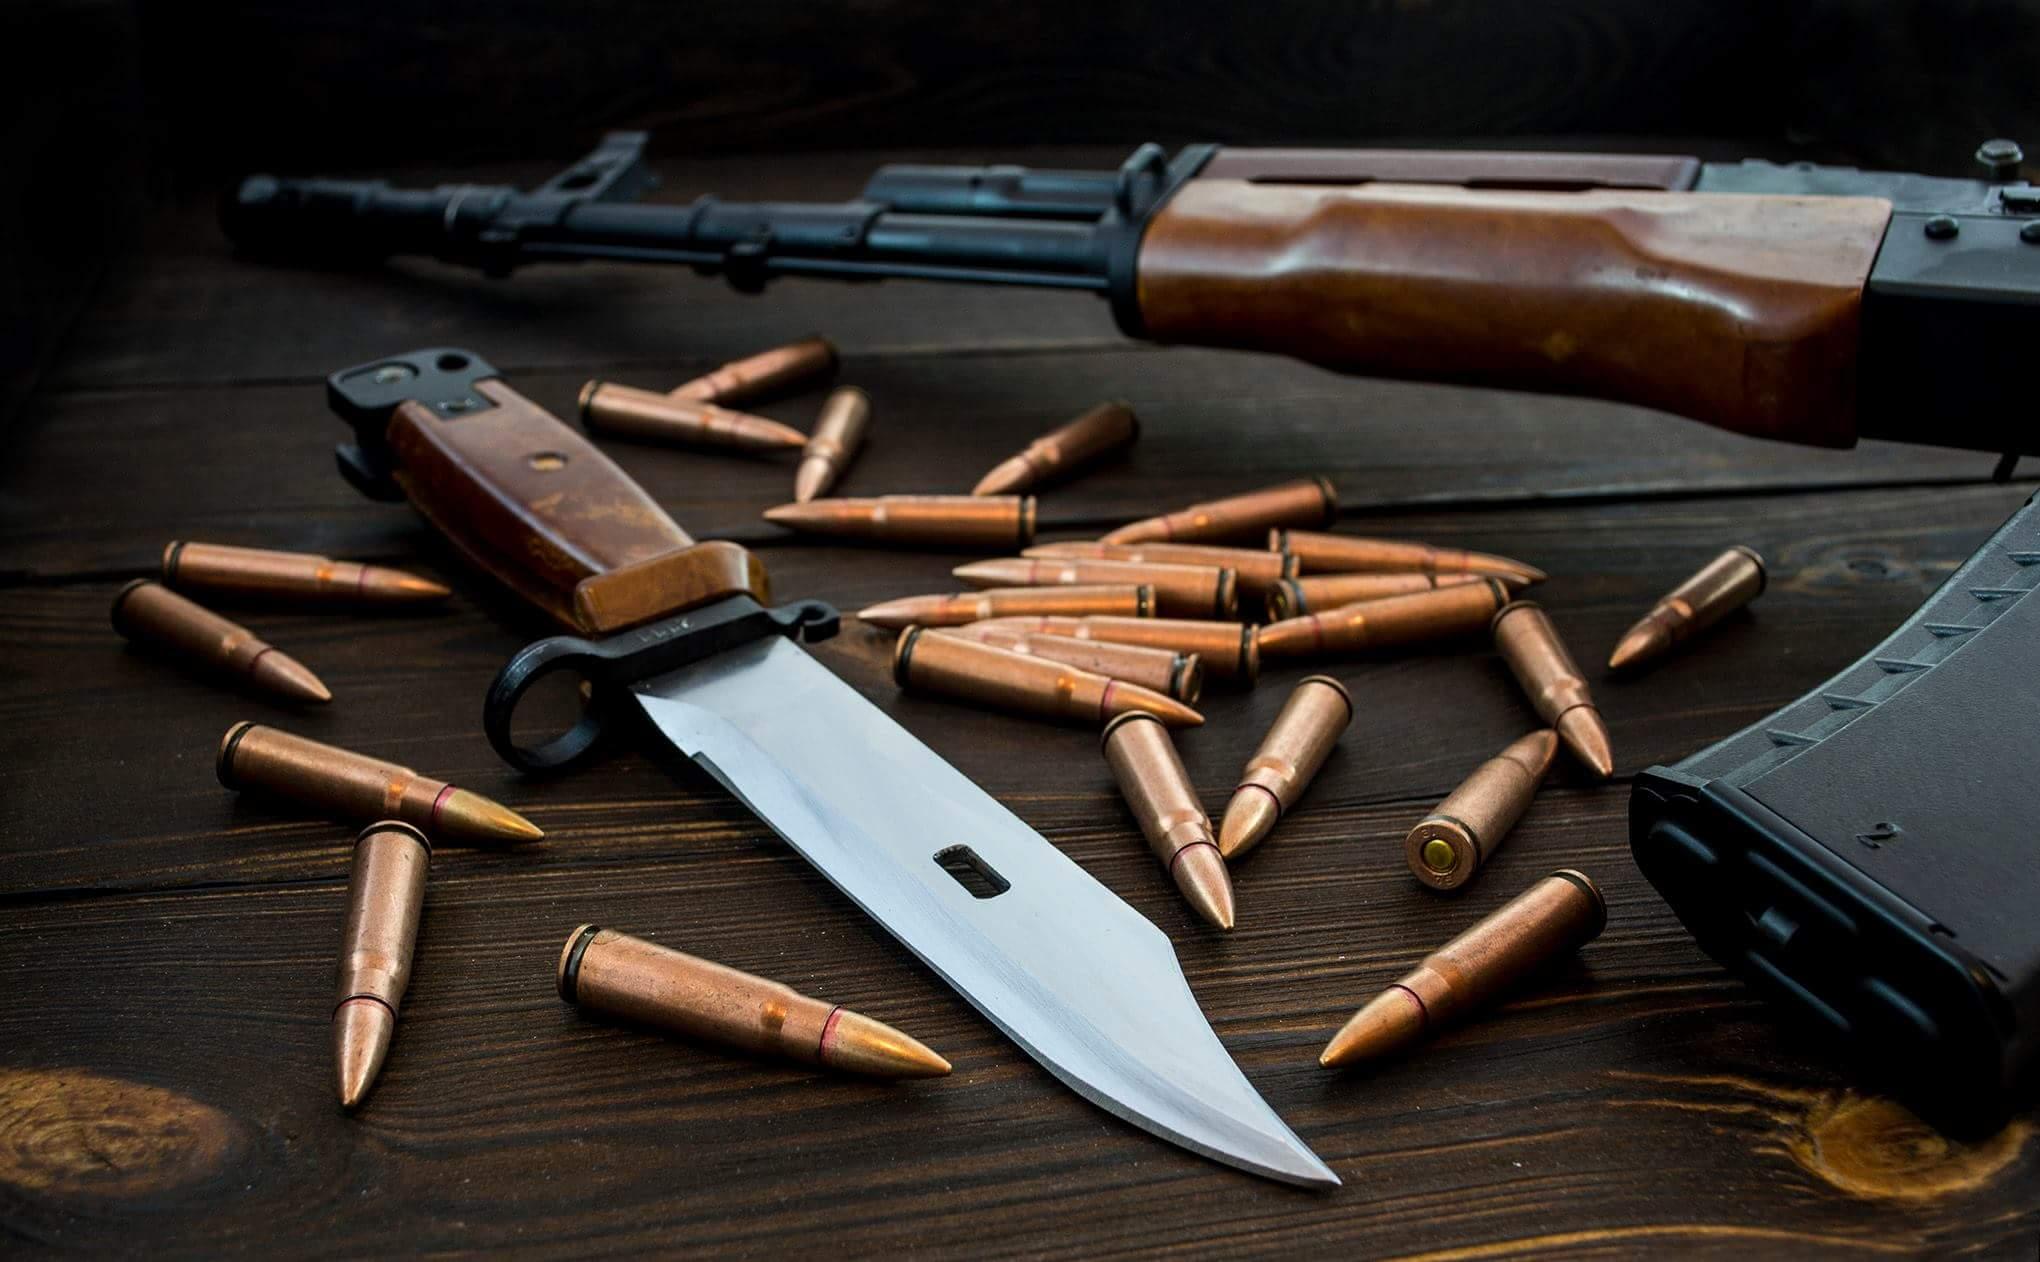 karabin tantal wz 88 z bagnetem arsenał centrum szkolenia strzeleckiego fabryka strzelania